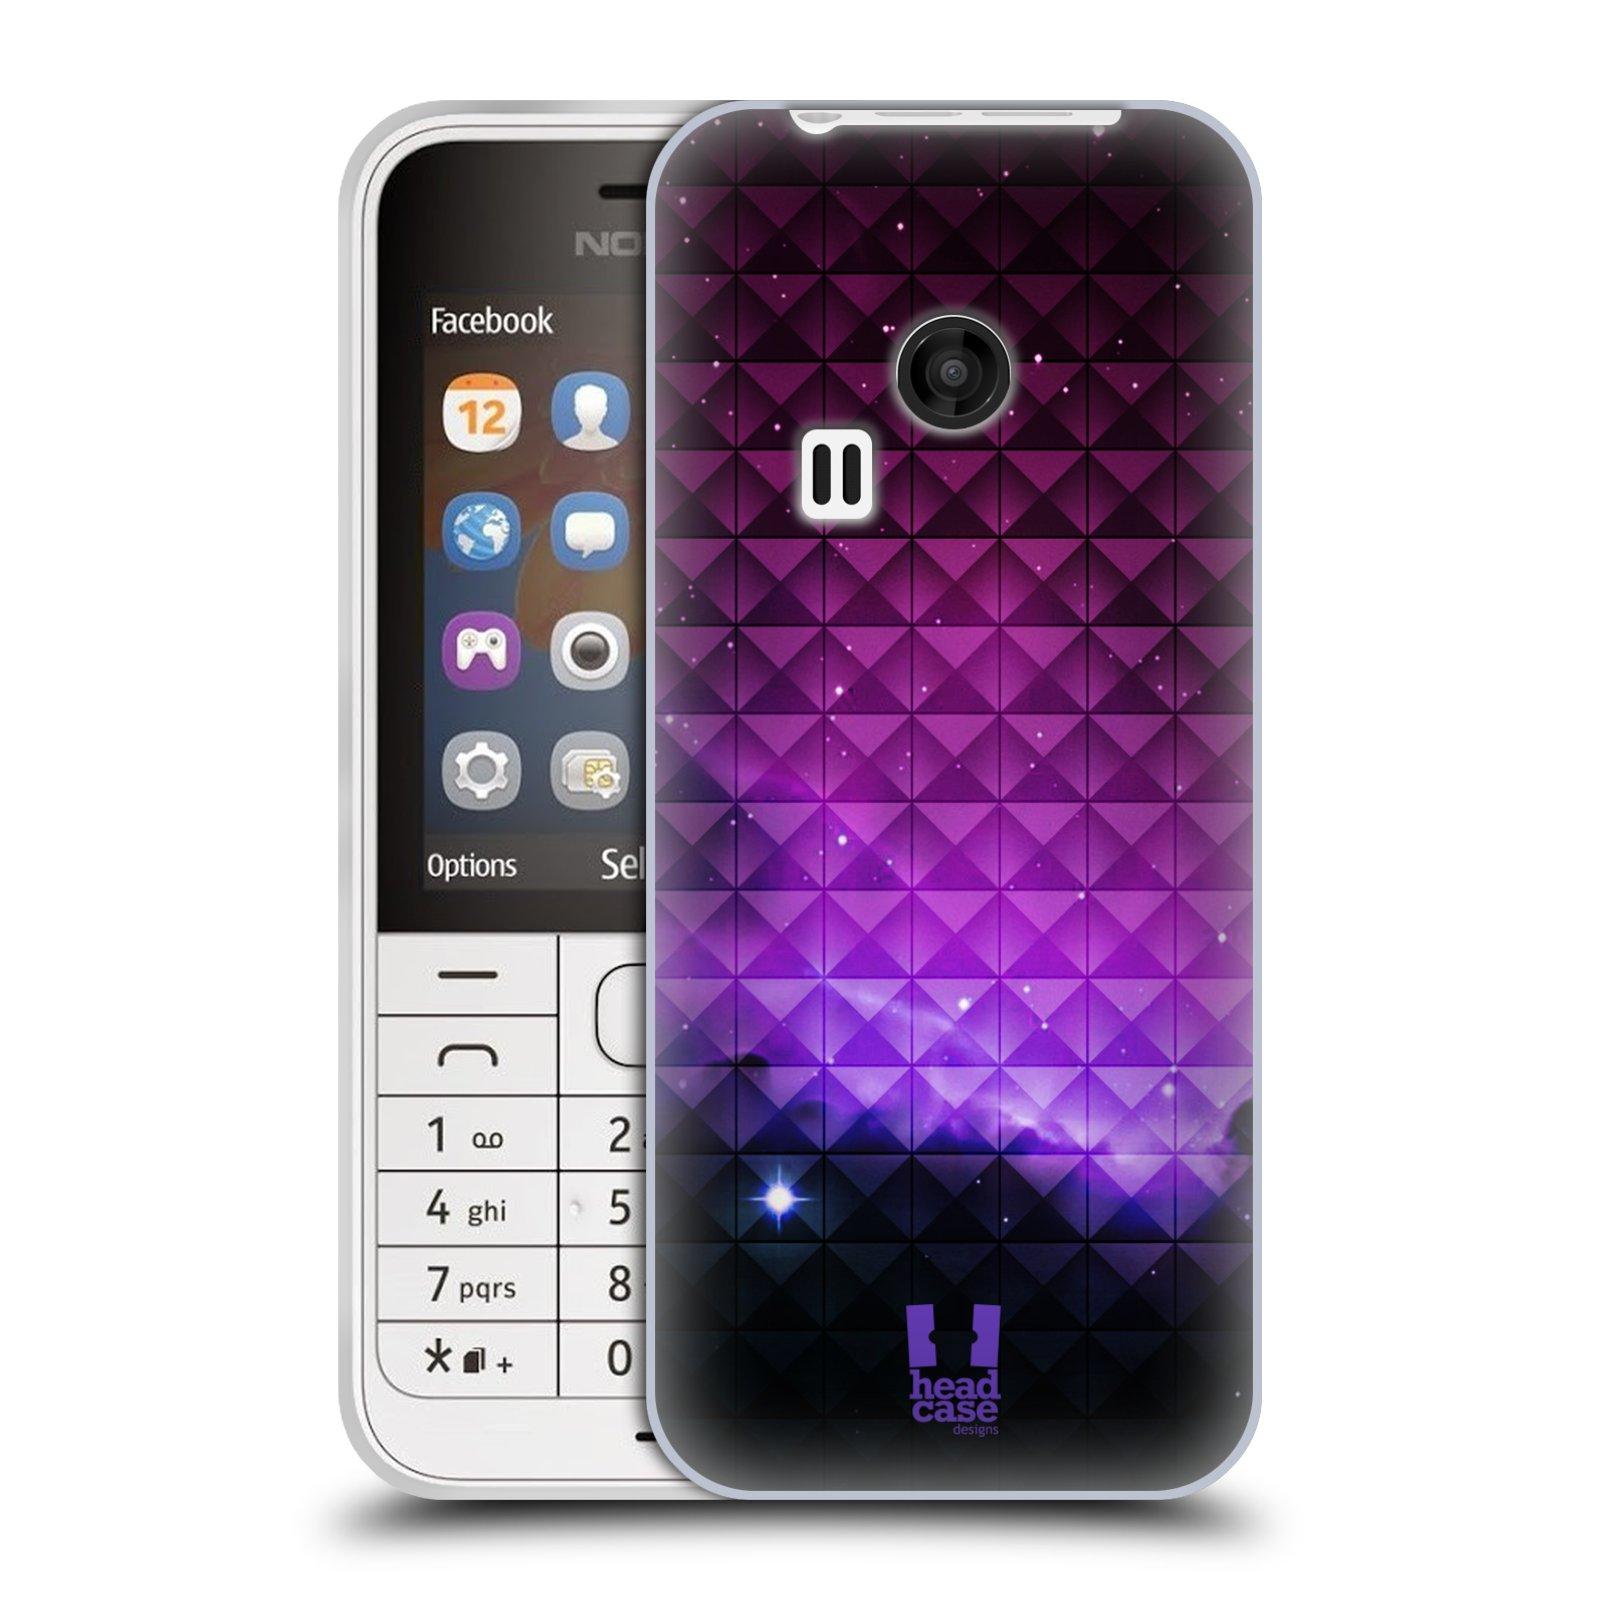 Silikonové pouzdro na mobil Nokia 220 HEAD CASE PURPLE HAZE (Silikonový kryt či obal na mobilní telefon Nokia 220 a 220 Dual SIM)